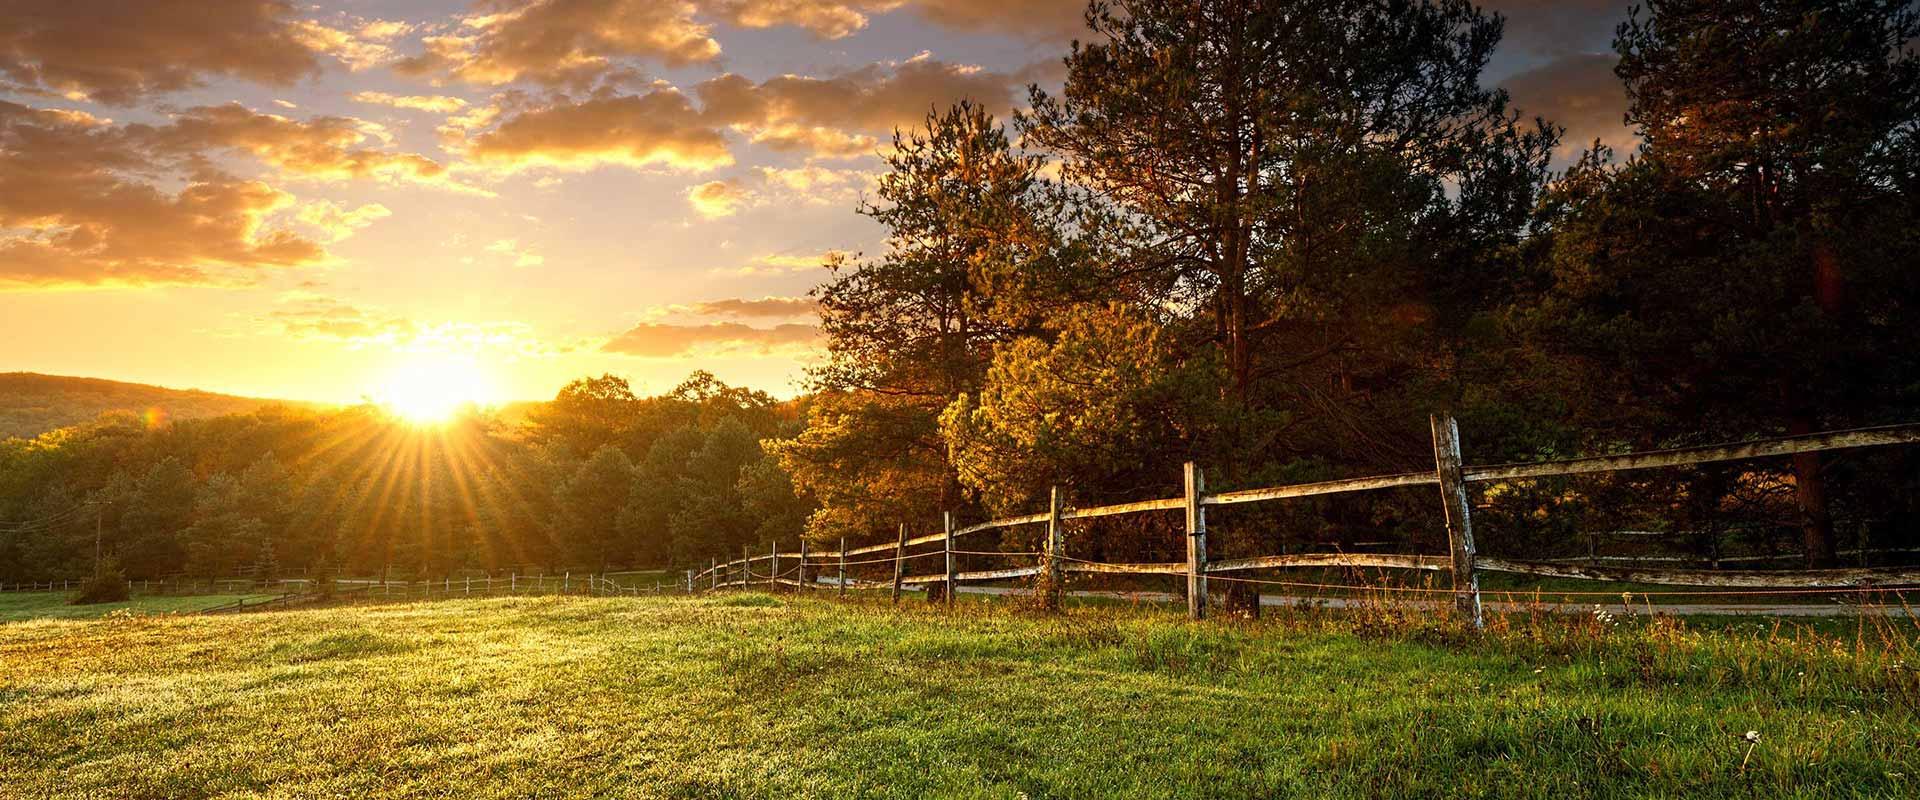 Sonnenuntergang über einer Weide am Waldrand